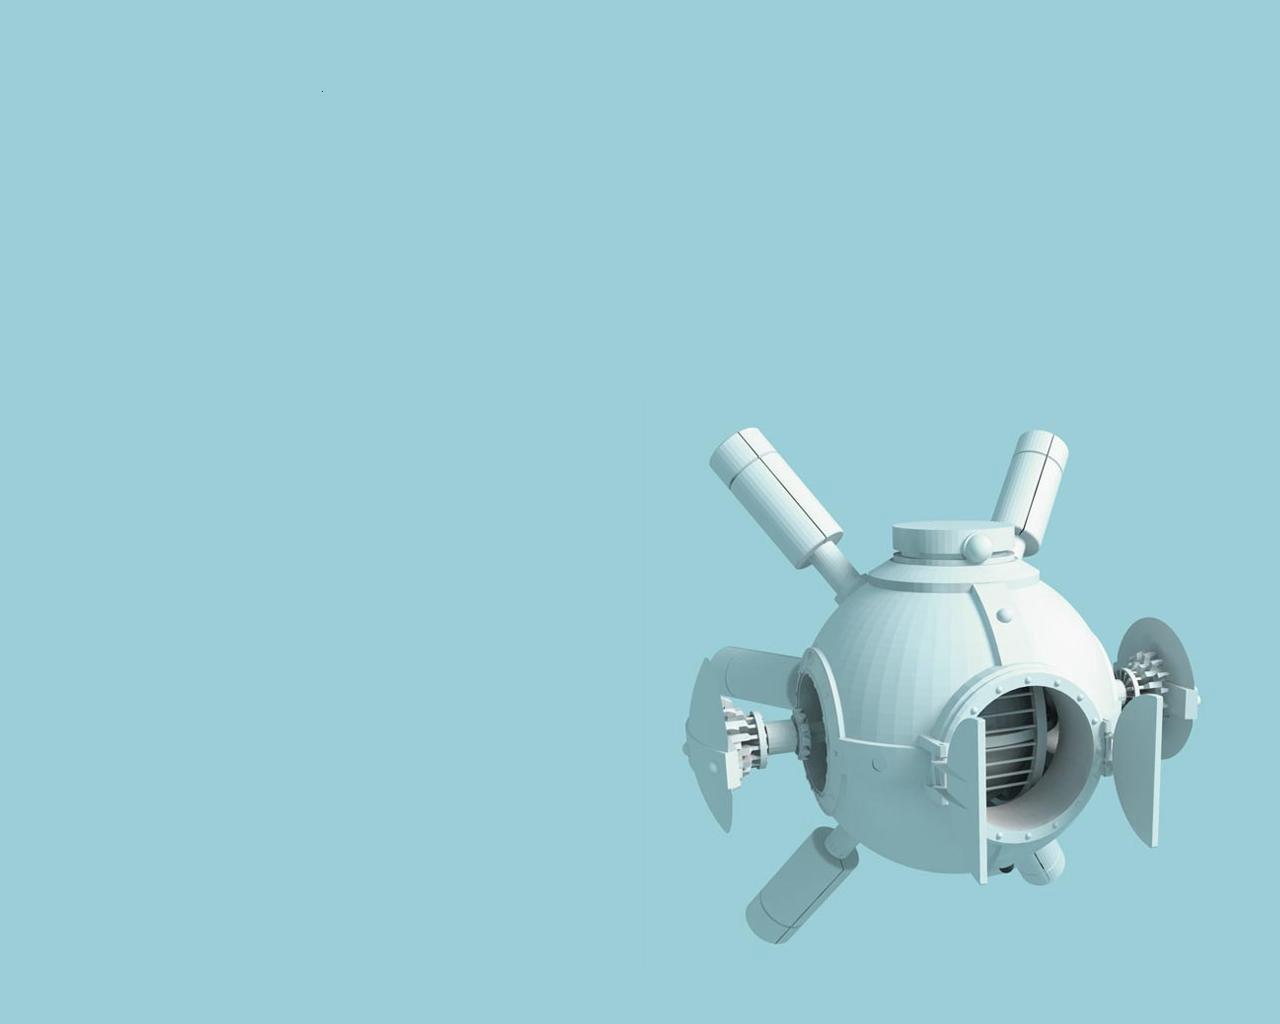 космический корабль, фото, обои для рабочего стола, скачать, фото